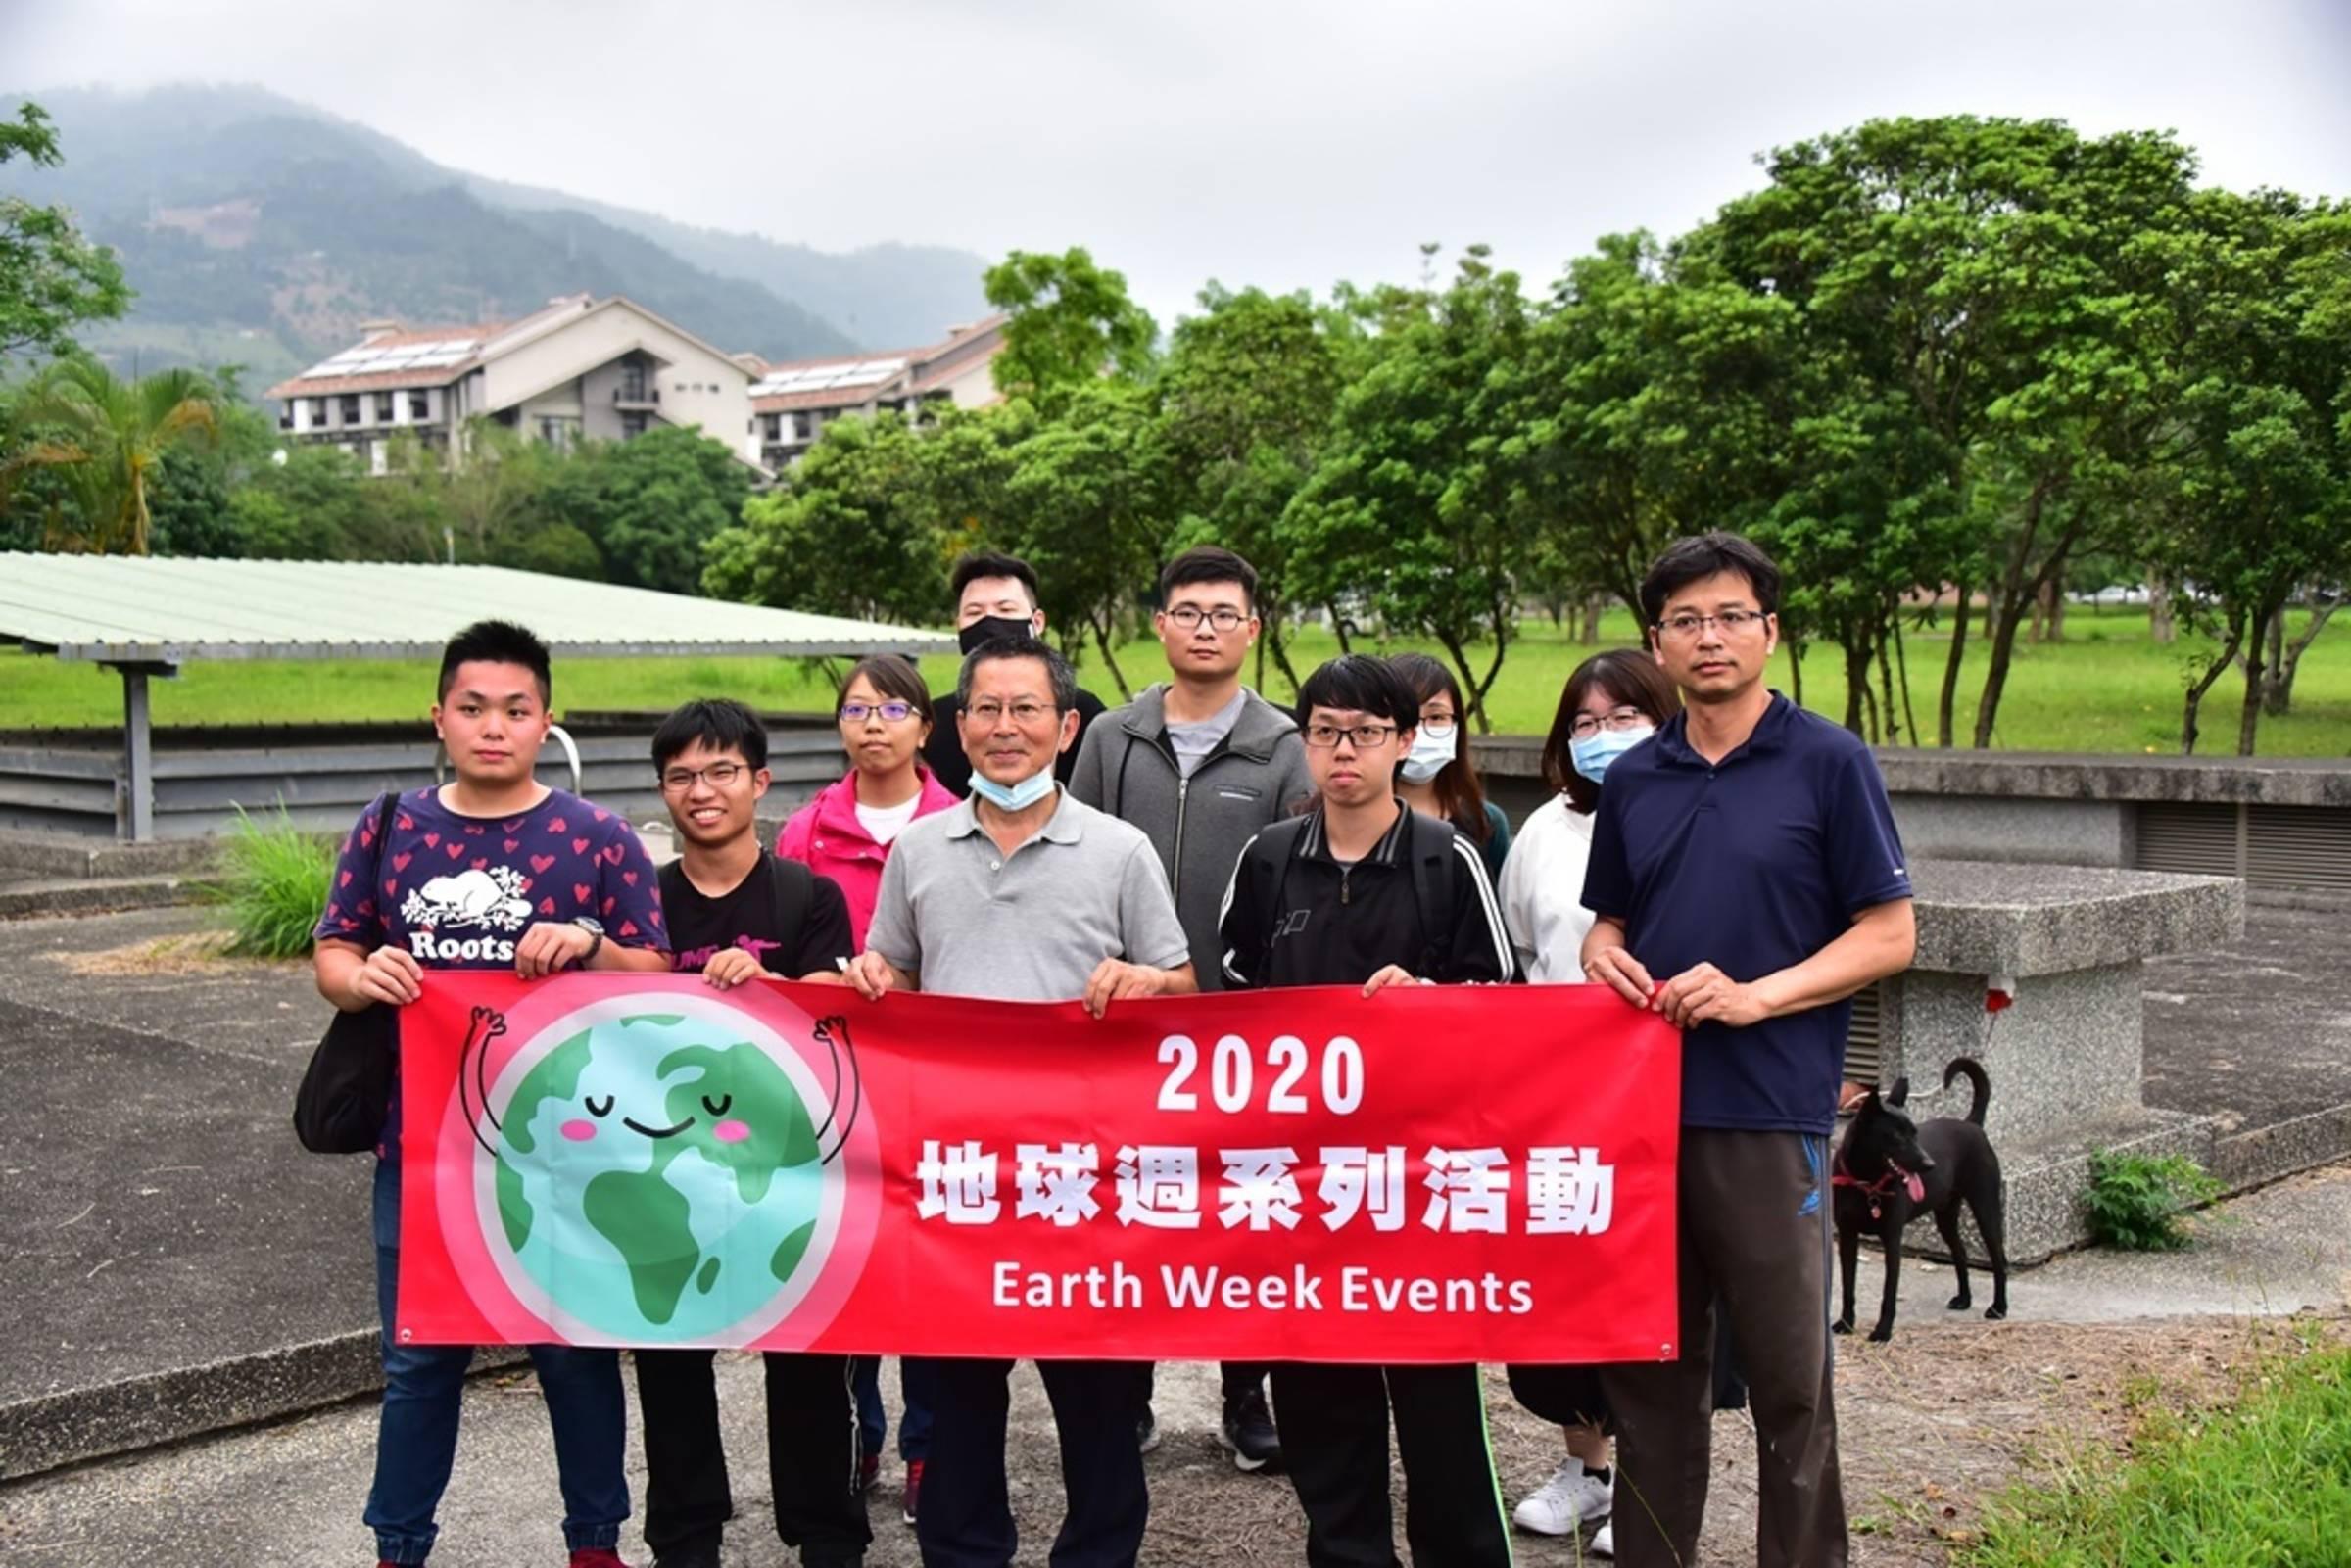 臺東大學響應世界地球日50週年,規劃為期1週的地球週系列活動。